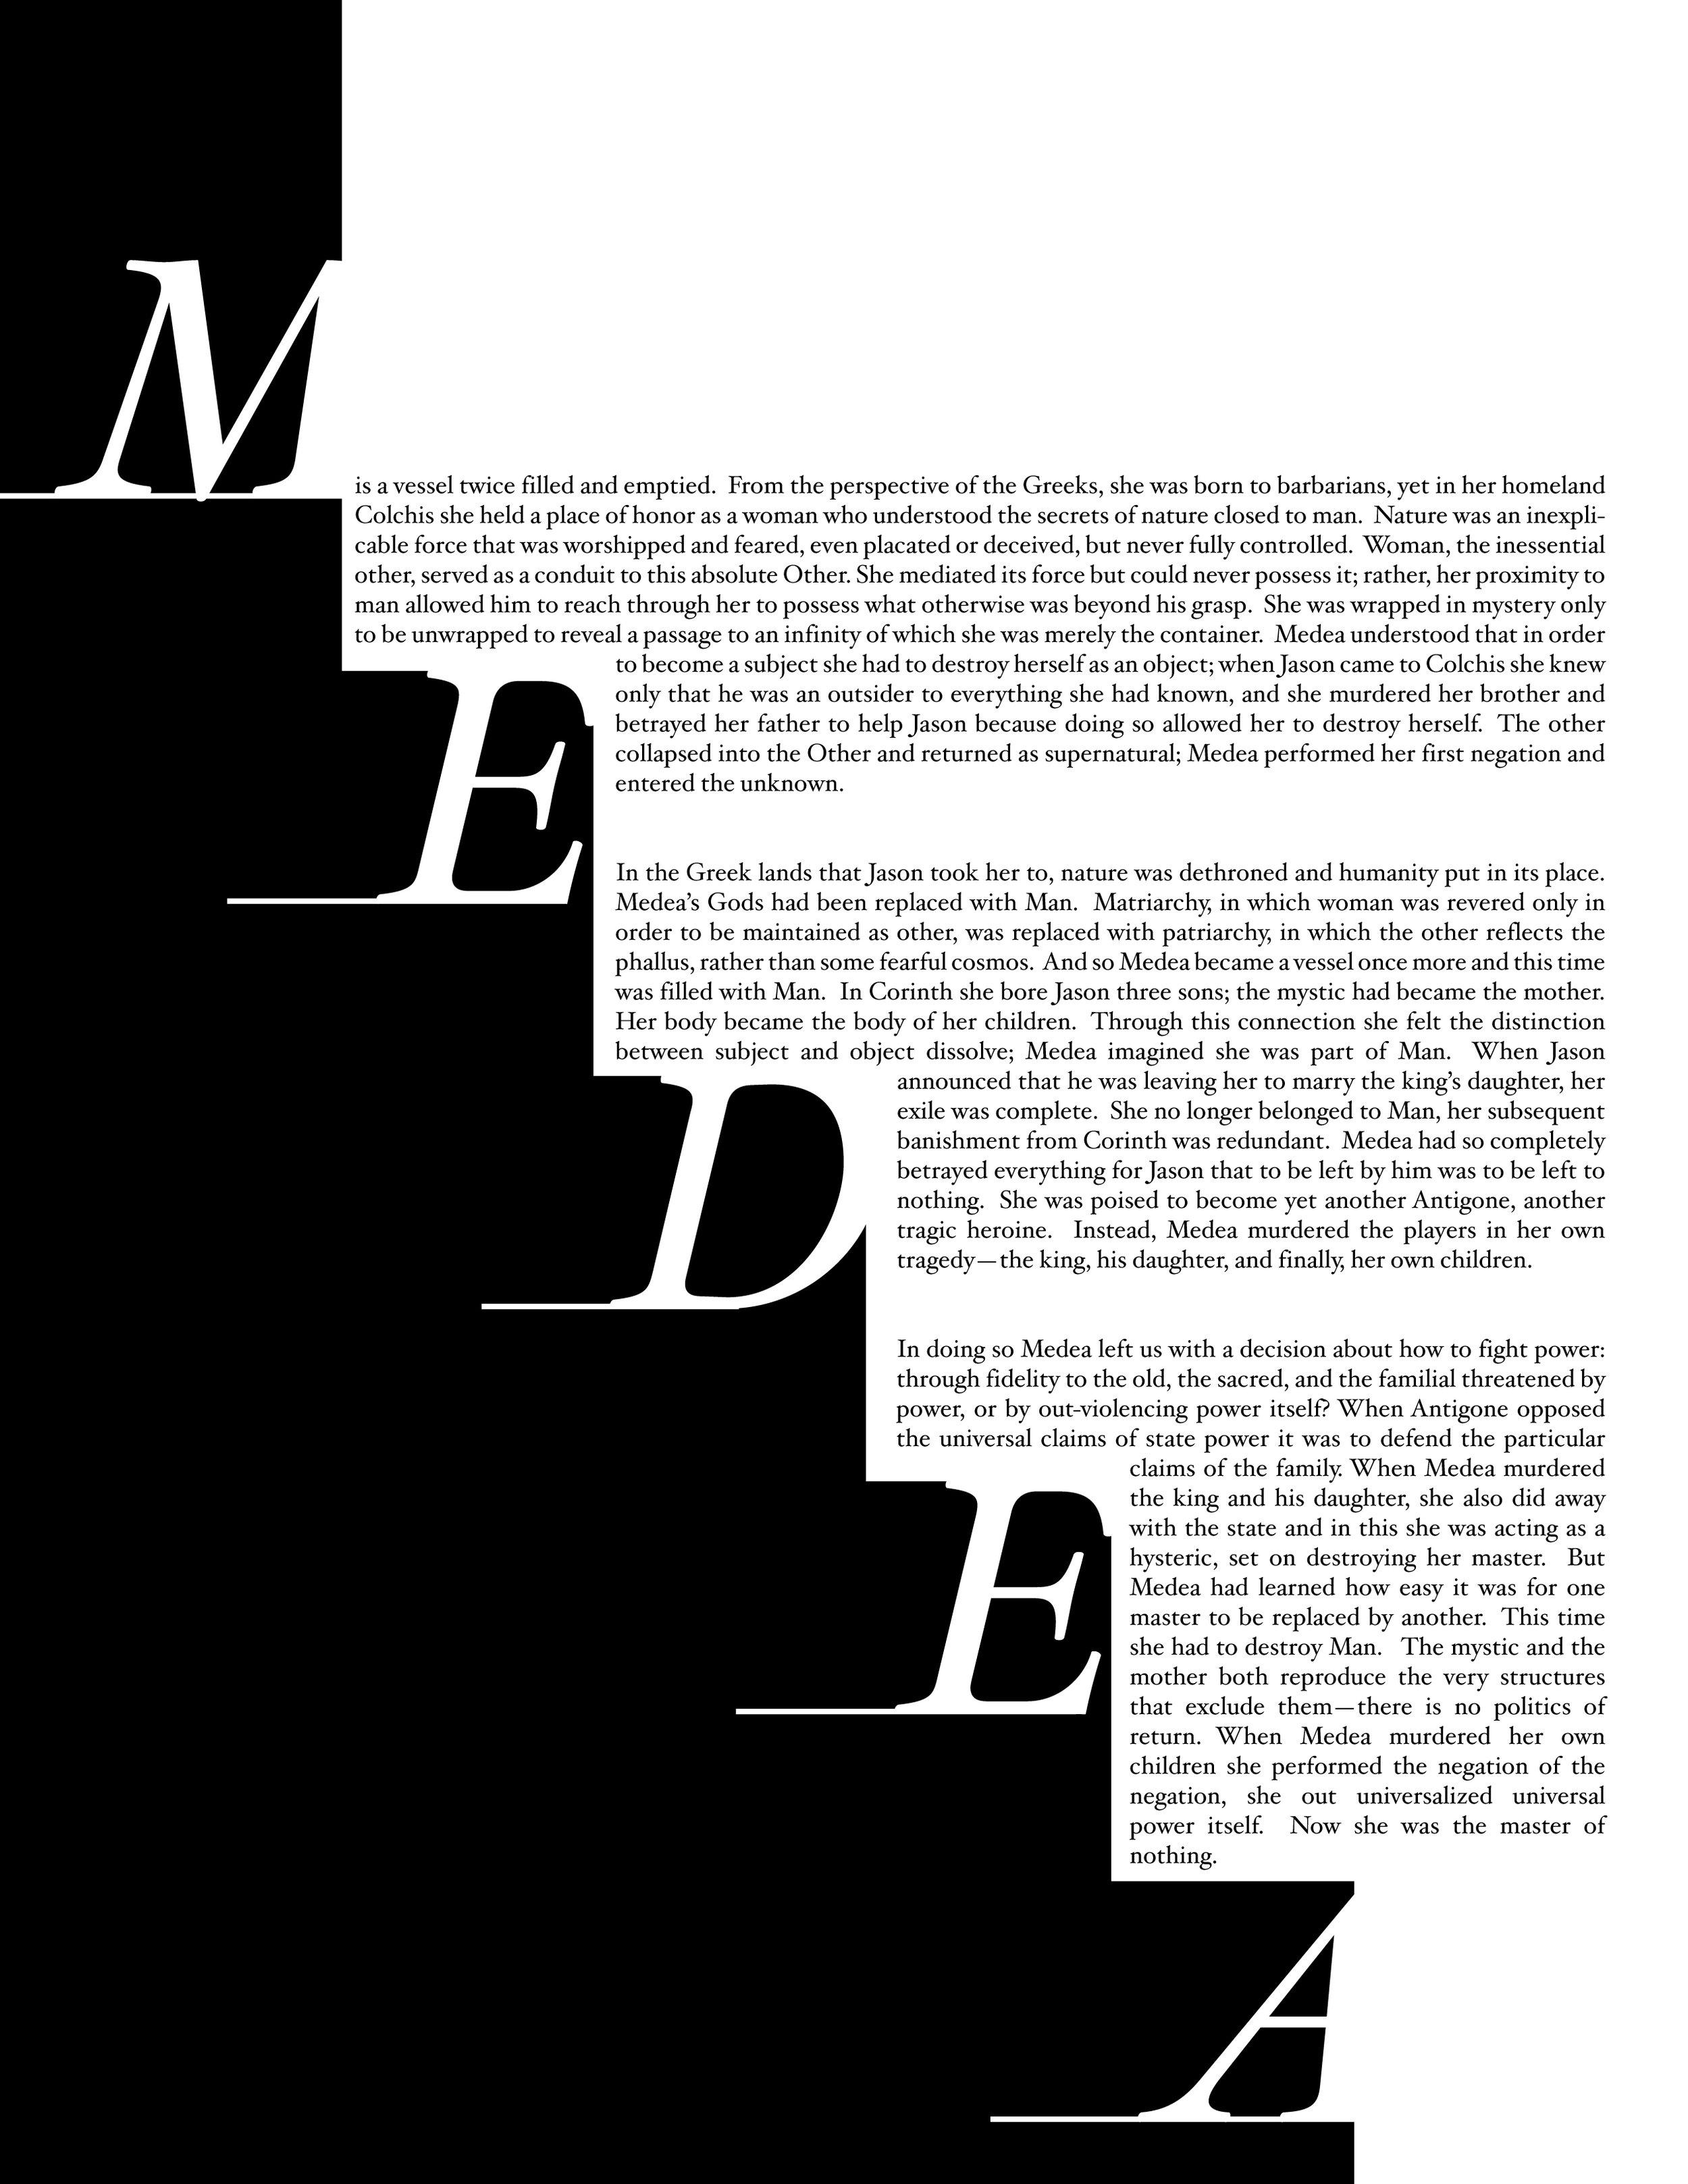 medea-essay_black.jpg